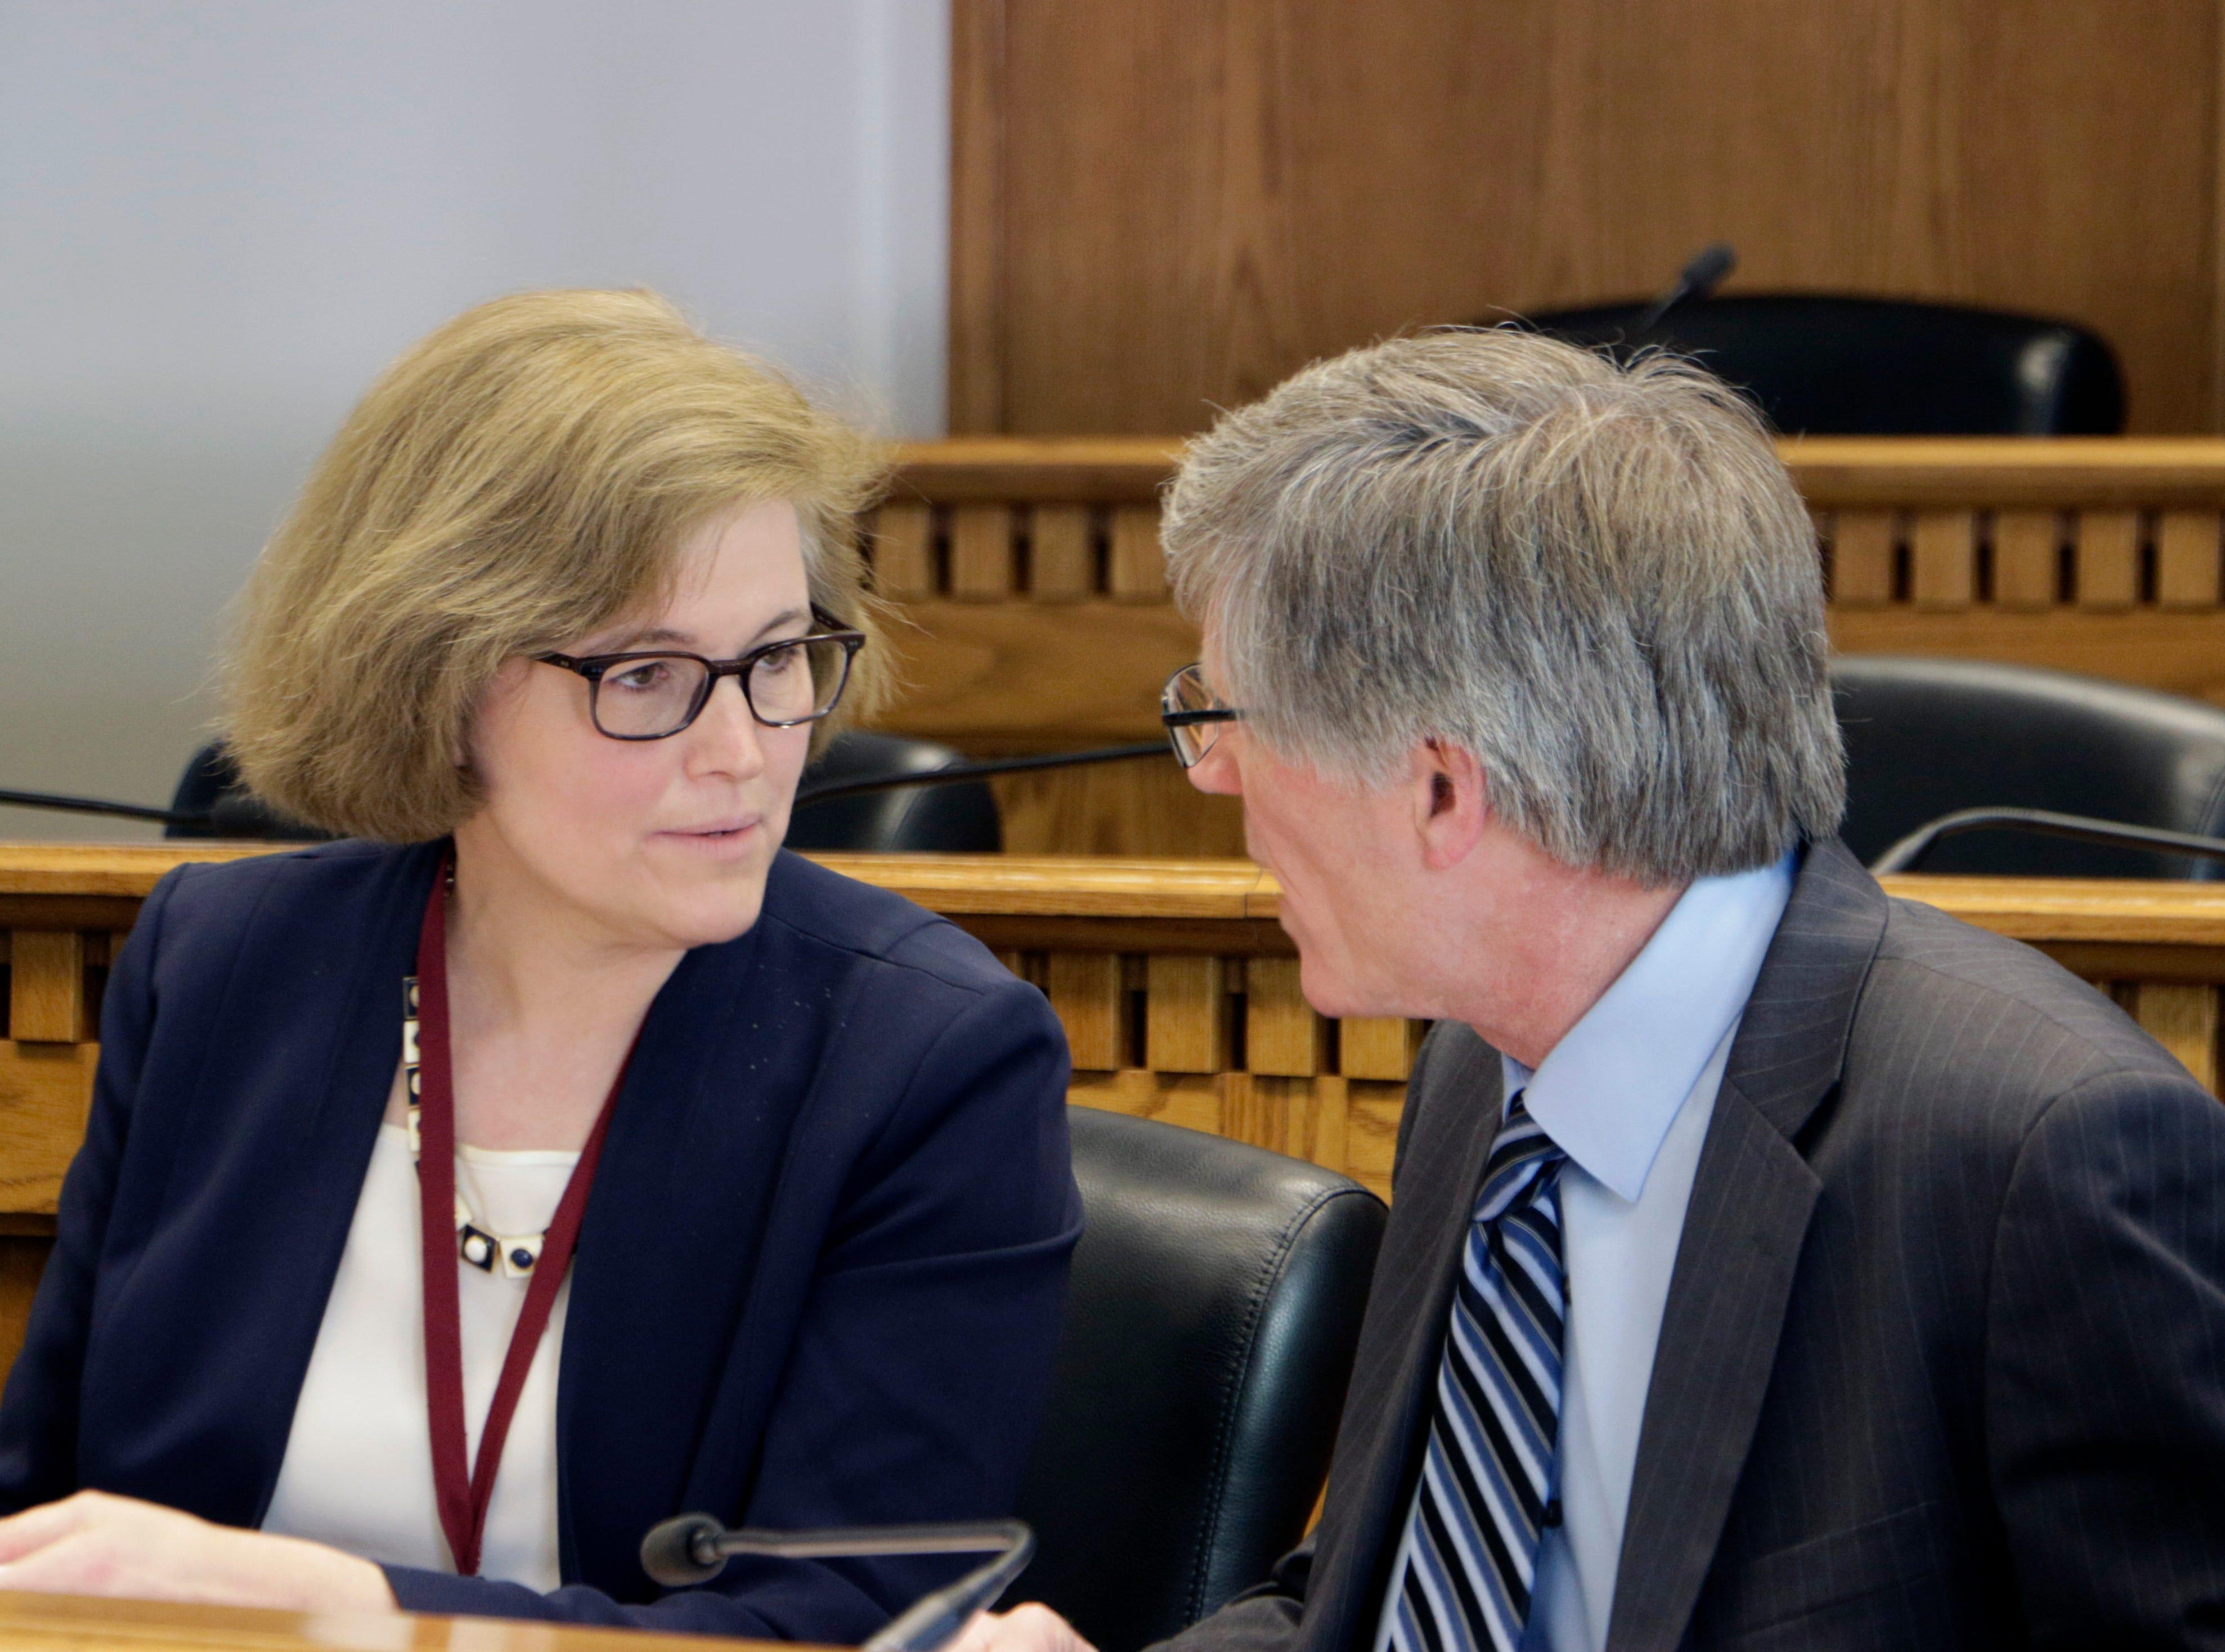 Washington lawmakers pass tax bills ahead of adjournment